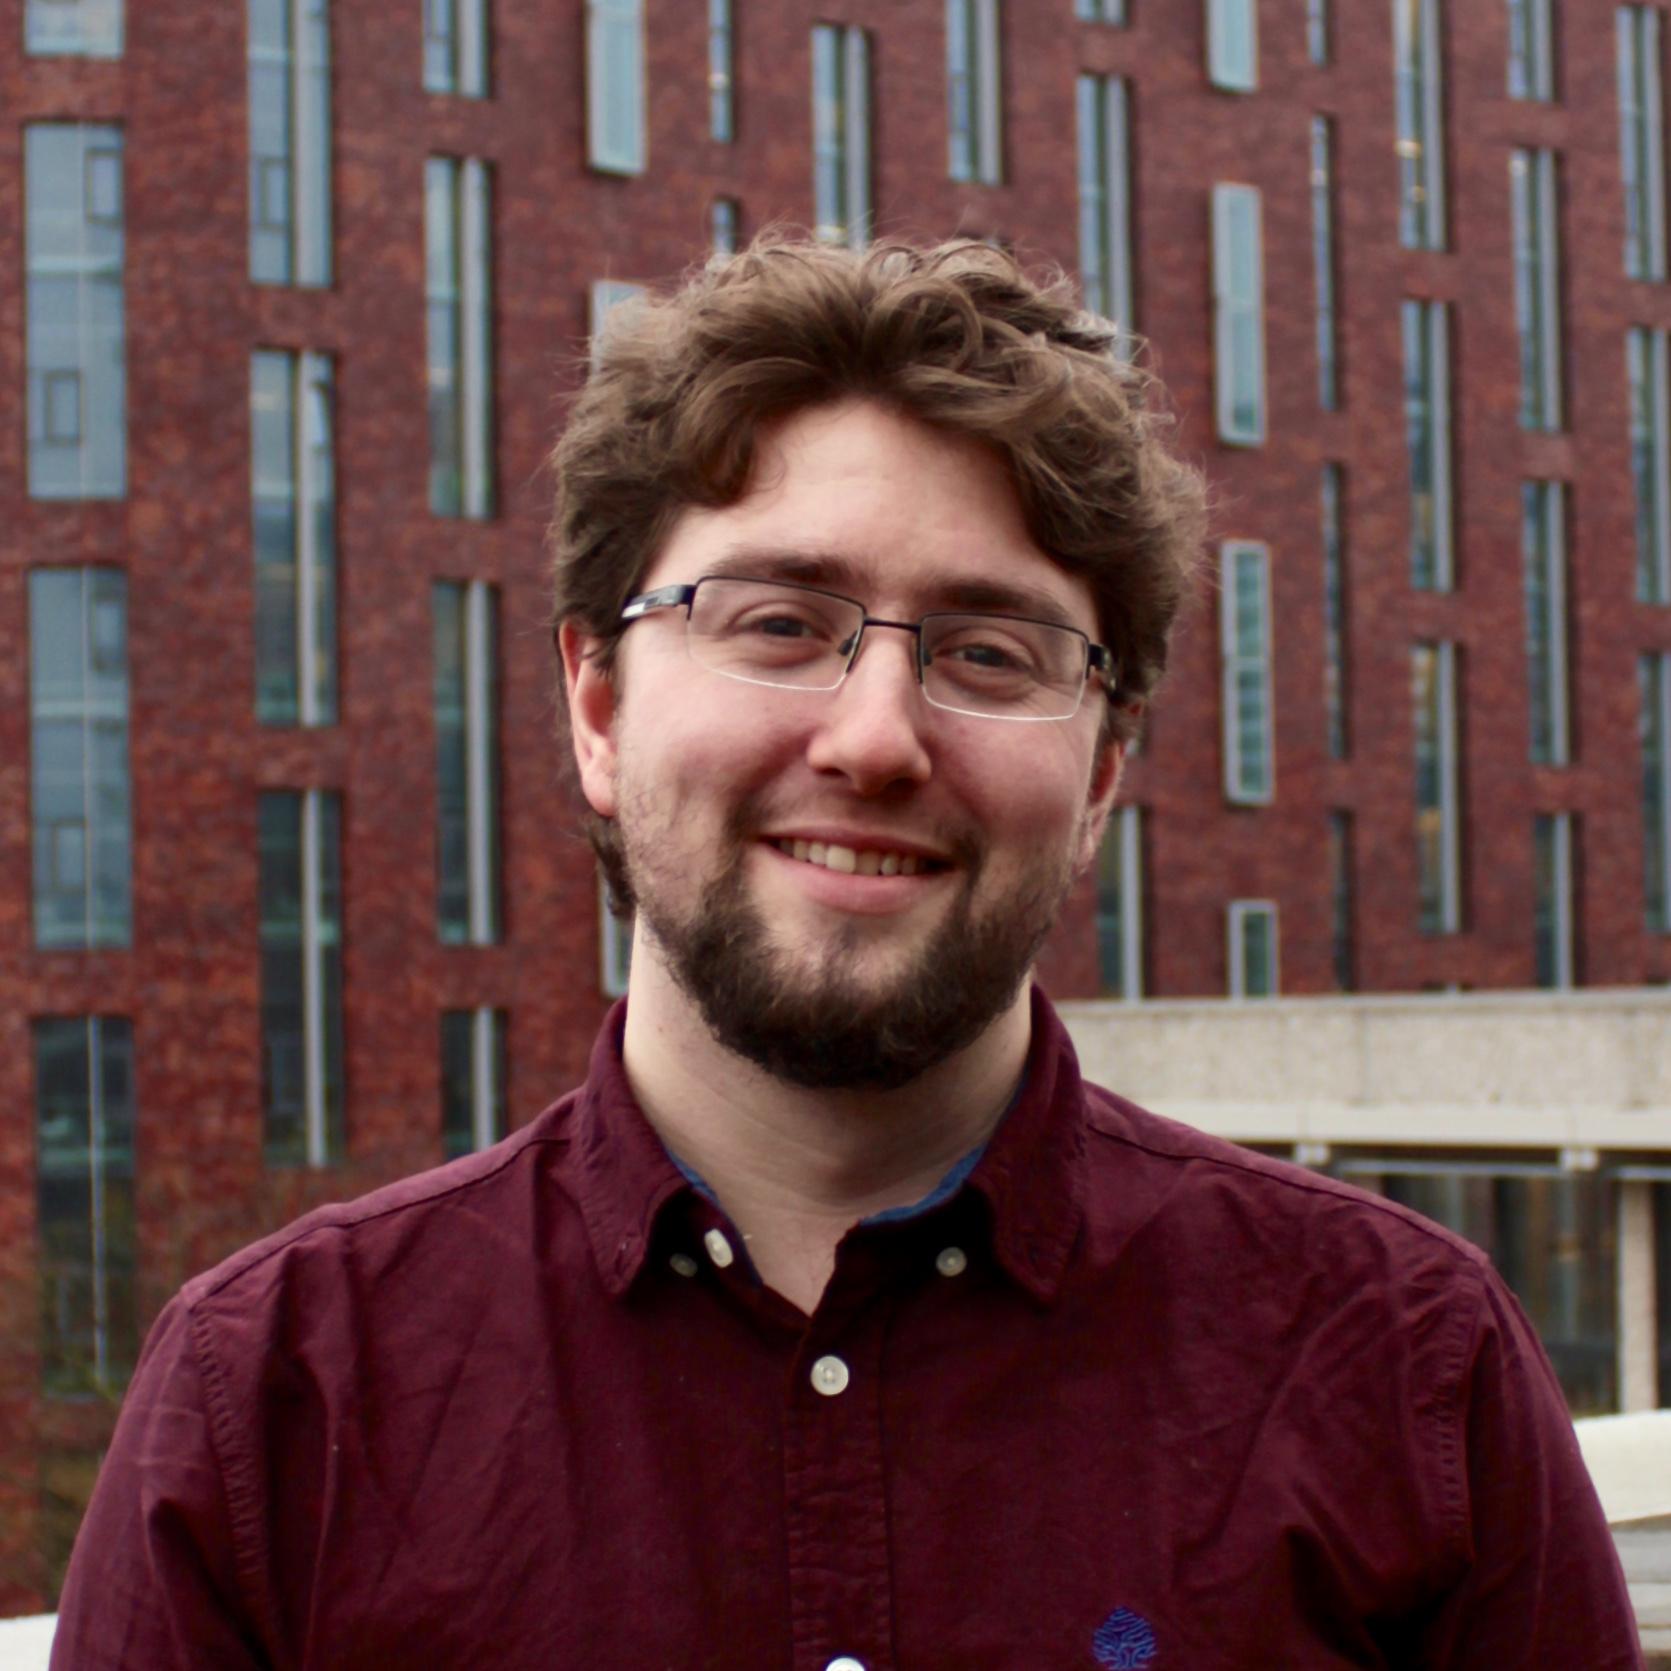 Jon Ezeiza   Co-founder and CTO